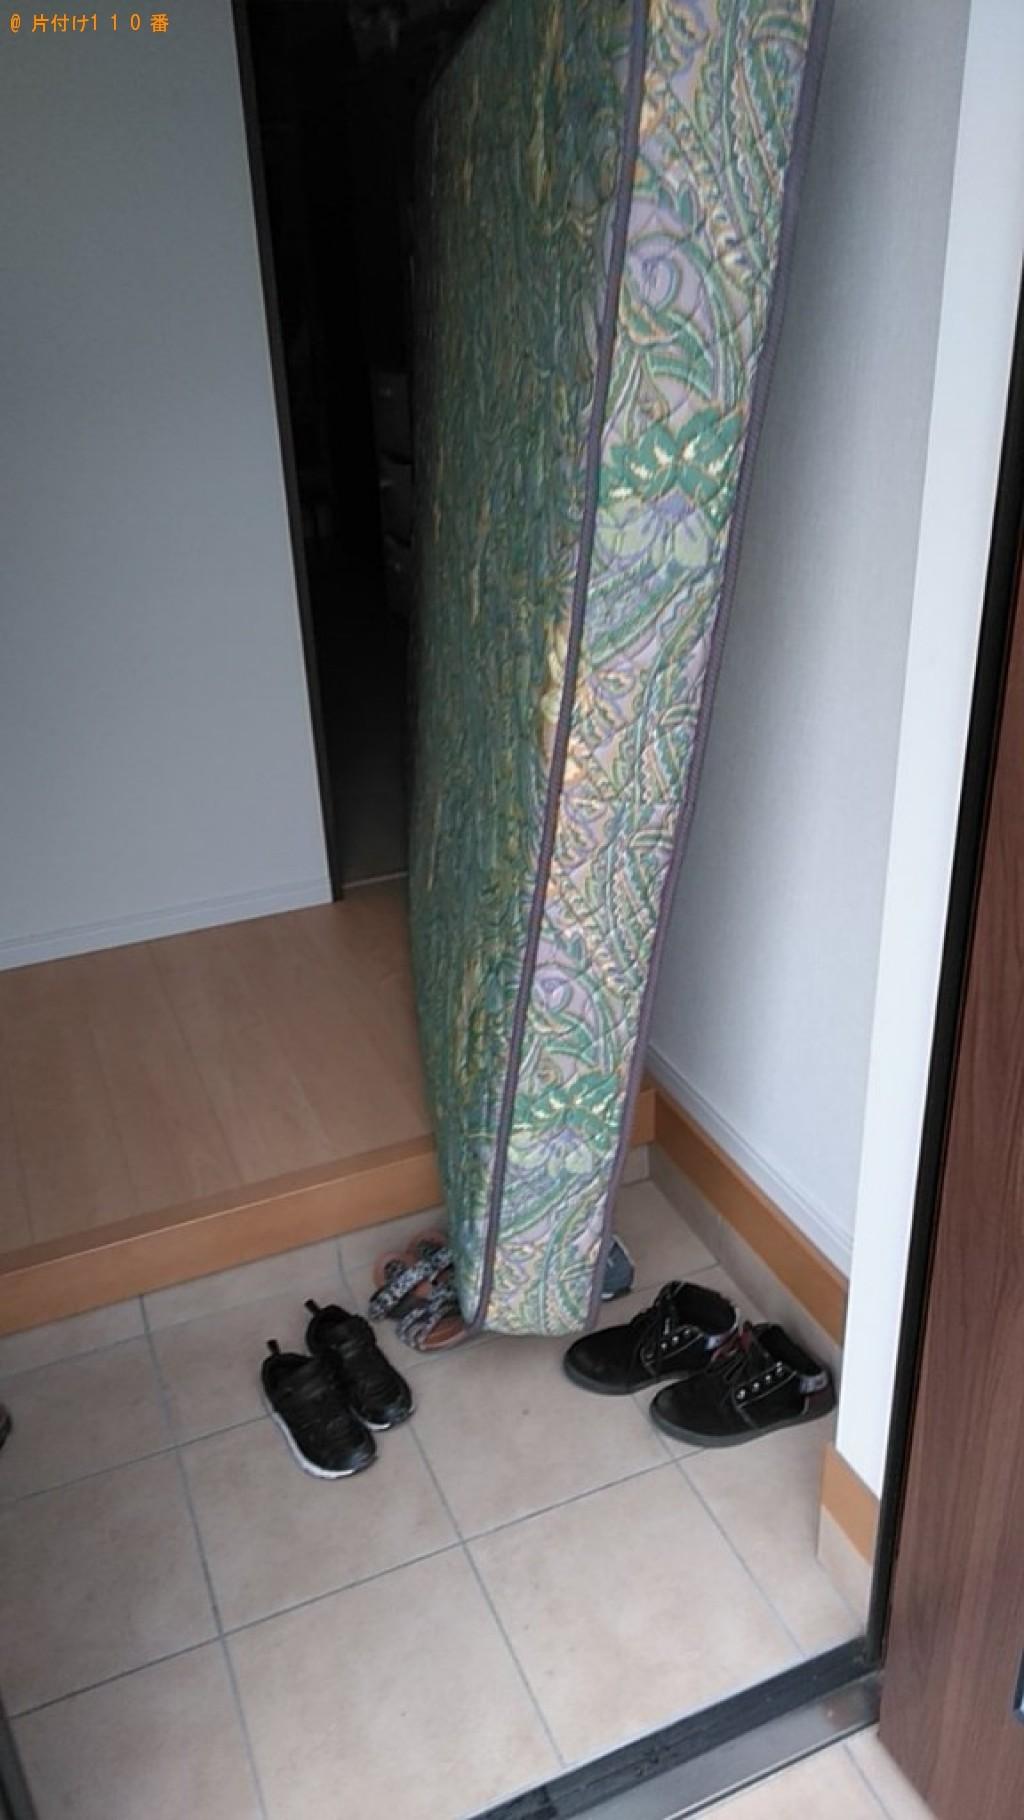 【松山市久米窪田町】ベッドマットレスの出張不用品回収・処分ご依頼